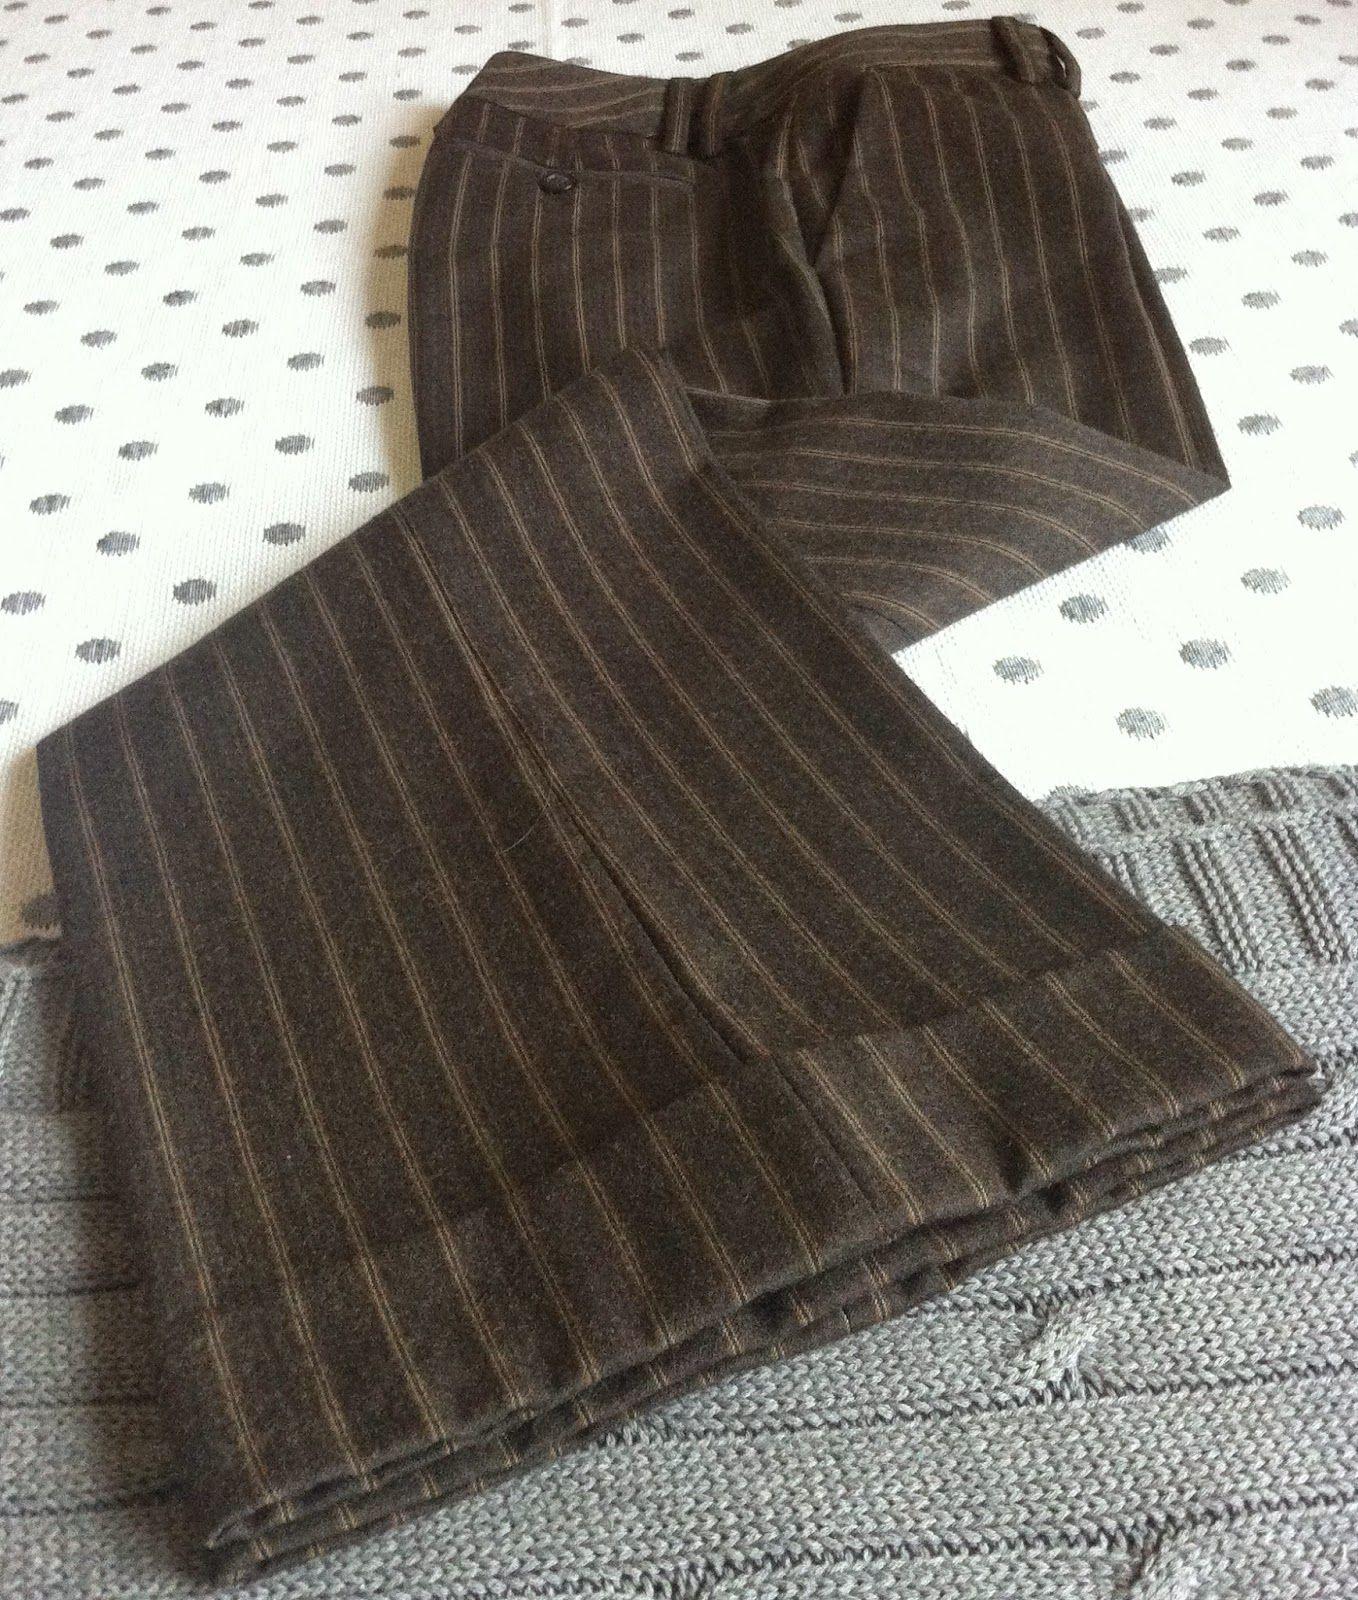 #pantalón #traje #massimodutti #marrón #talla 36 #menganitaycitranita. Más información en facebook Menganita y Citranita